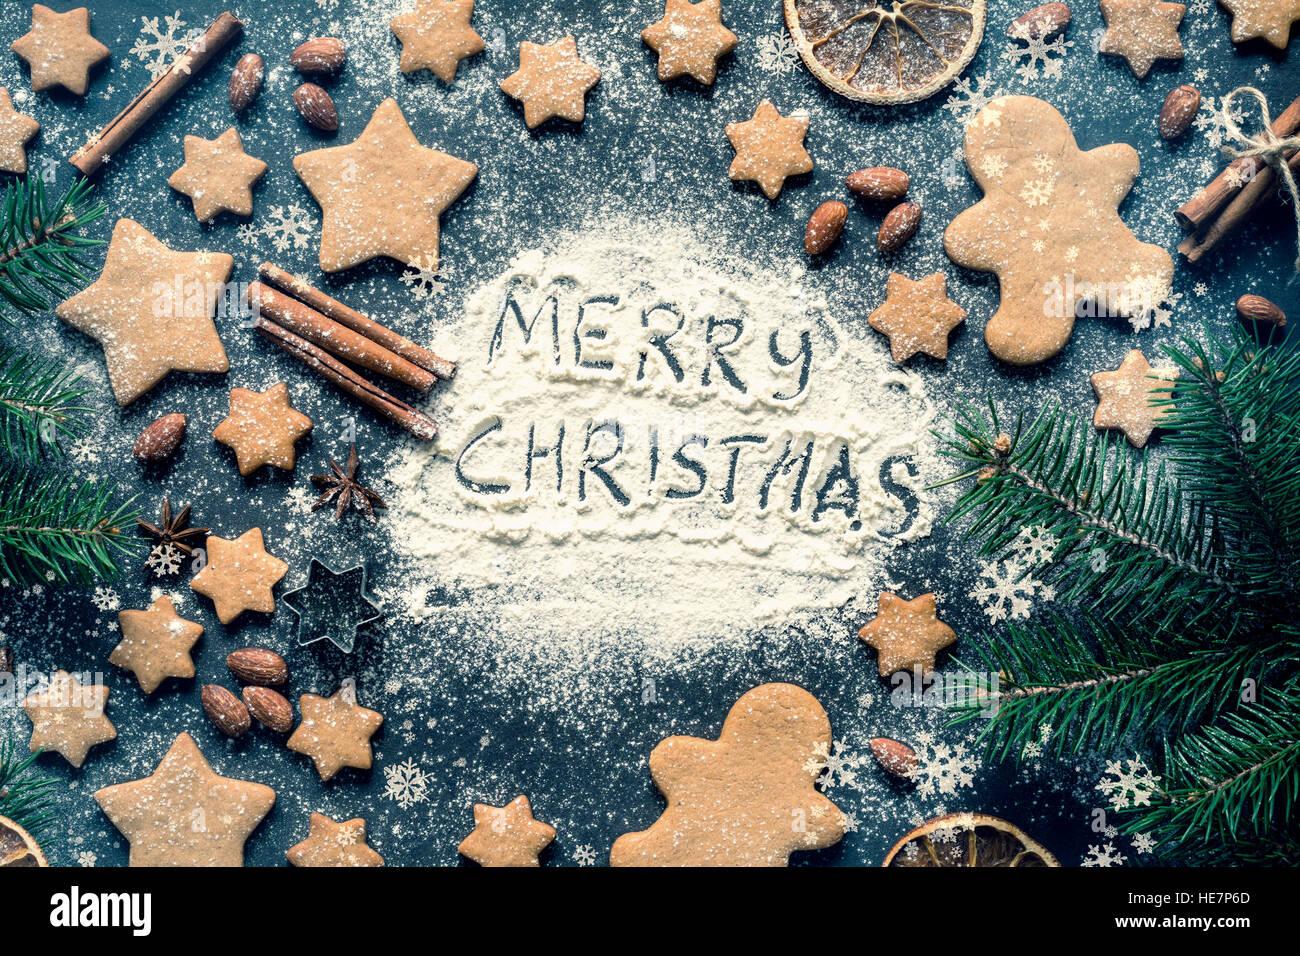 Frohe Weihnachtsgruß auf Mehl auf Tafel geschrieben. Rahmen mit Sternen Lebkuchen, Lebkuchen-Mann und Gewürz Stockbild